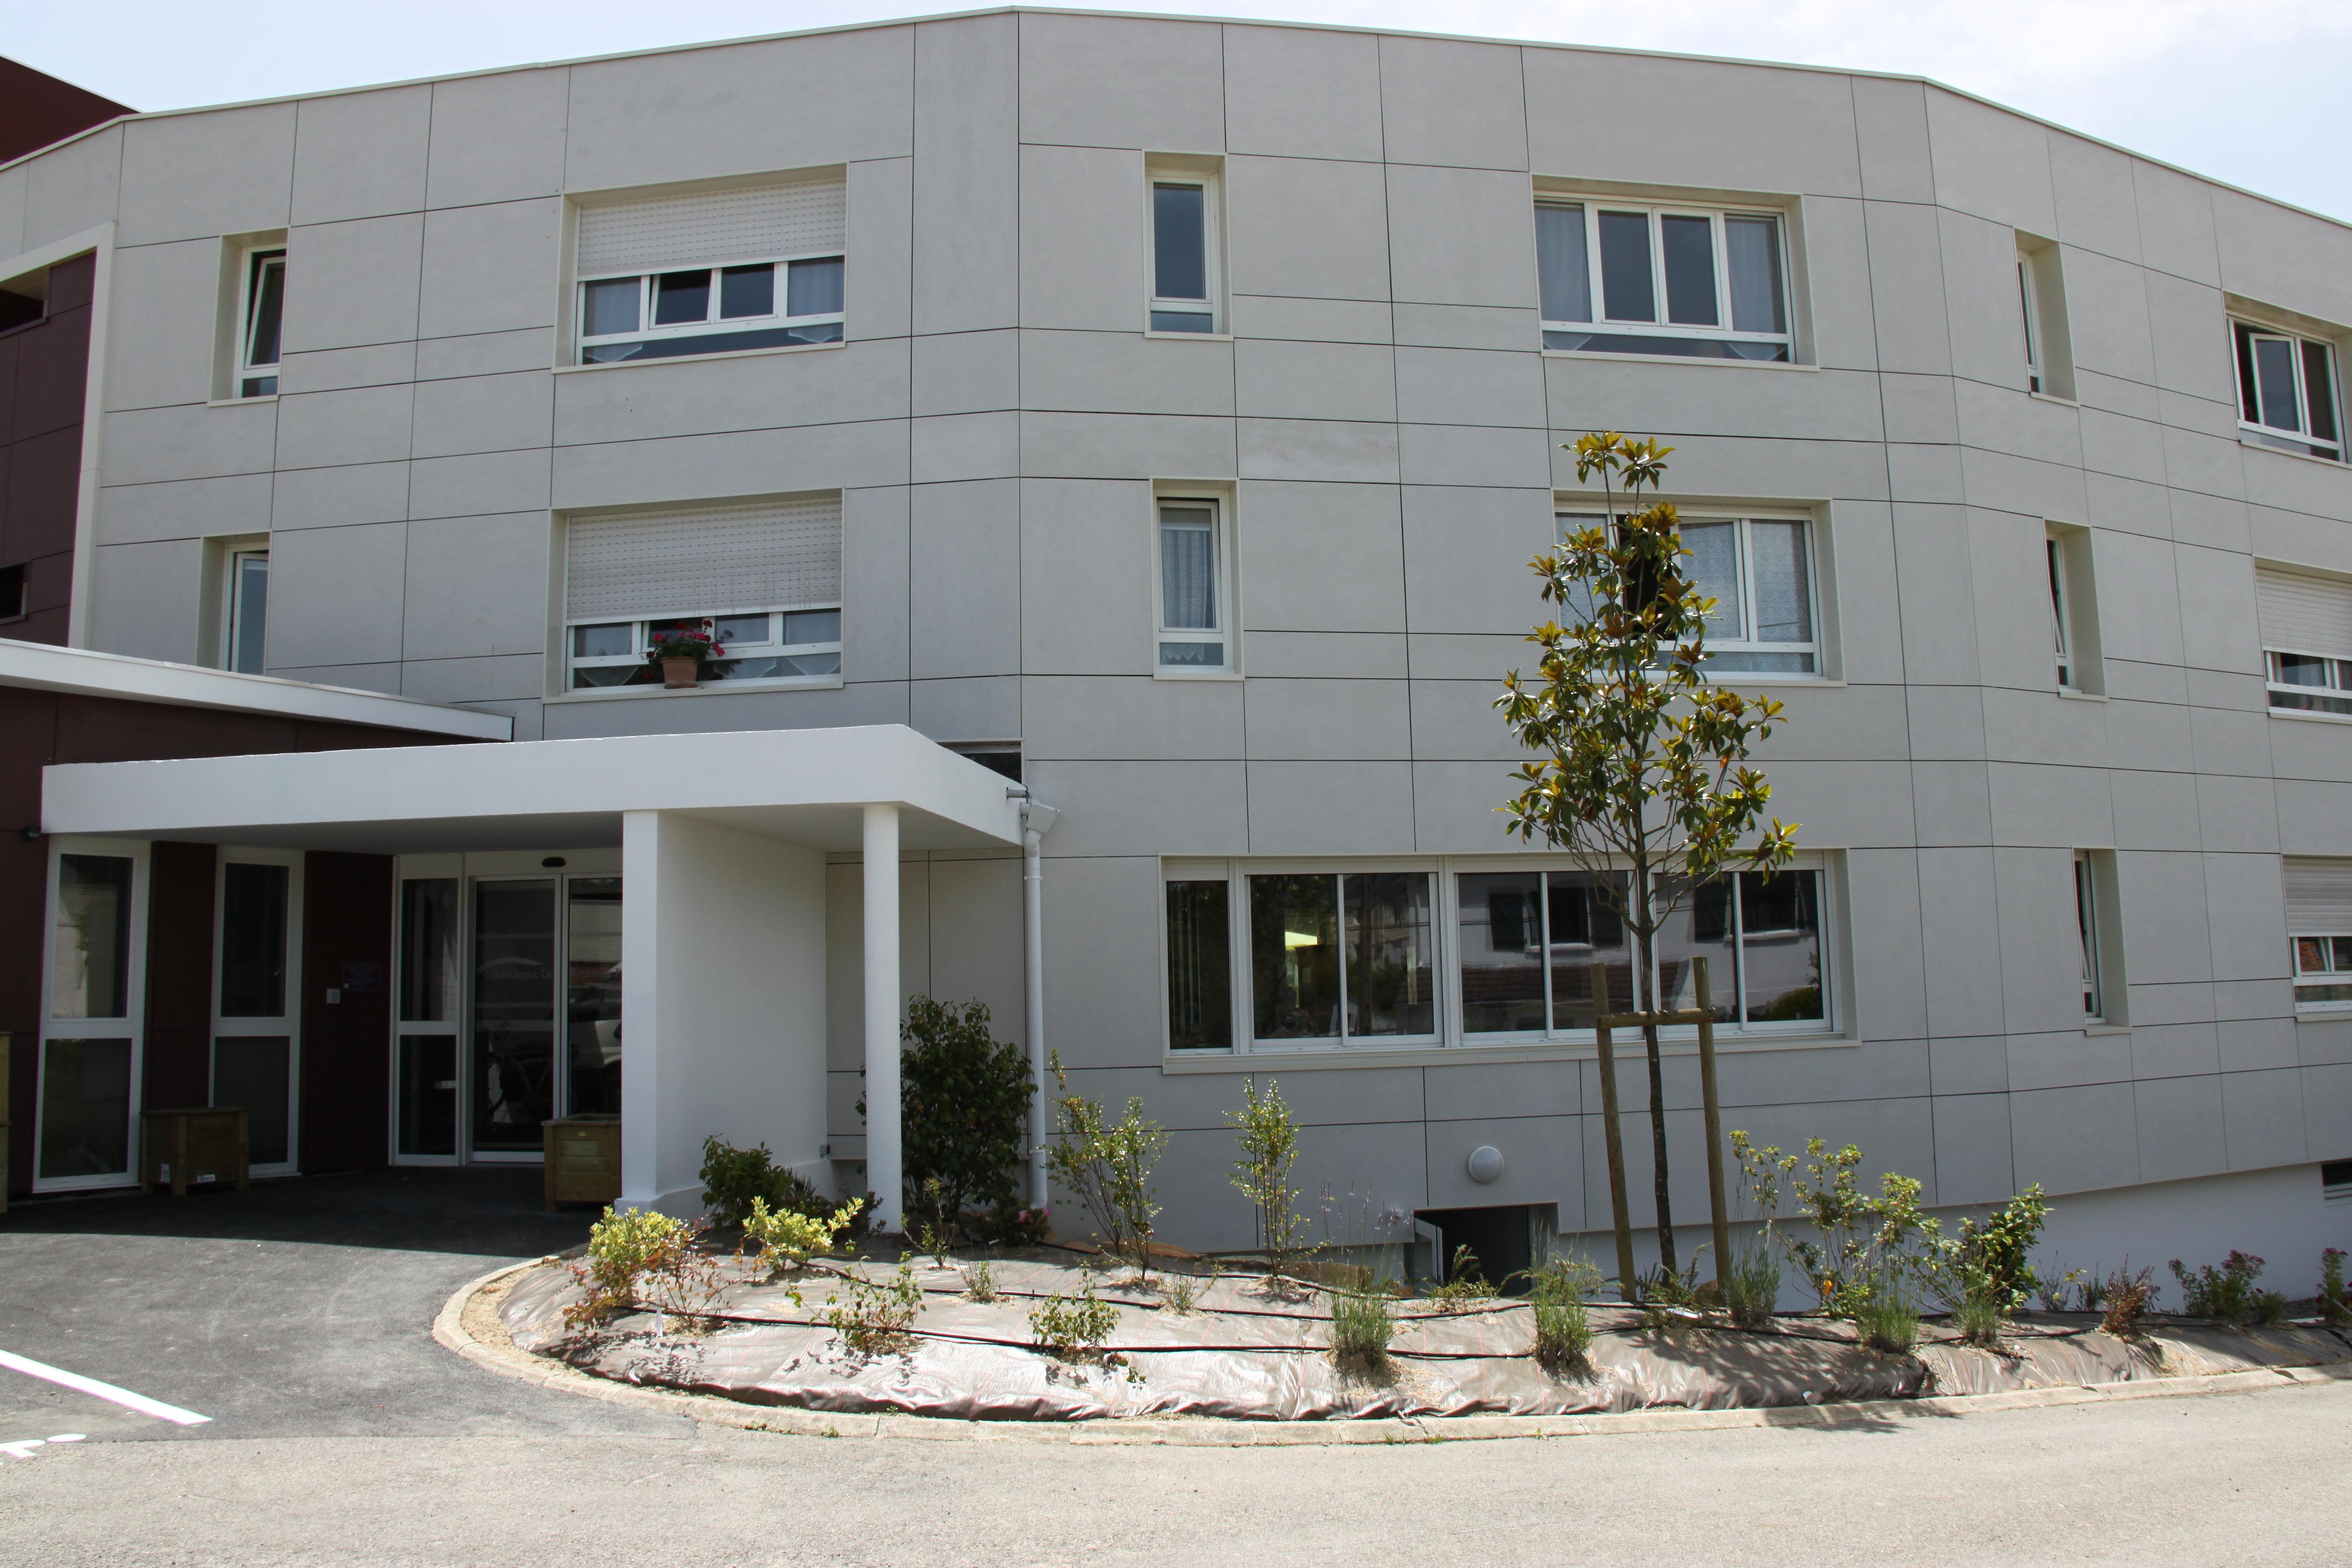 Maison retraite nantes excellent maisons de retraite for Maison container nantes